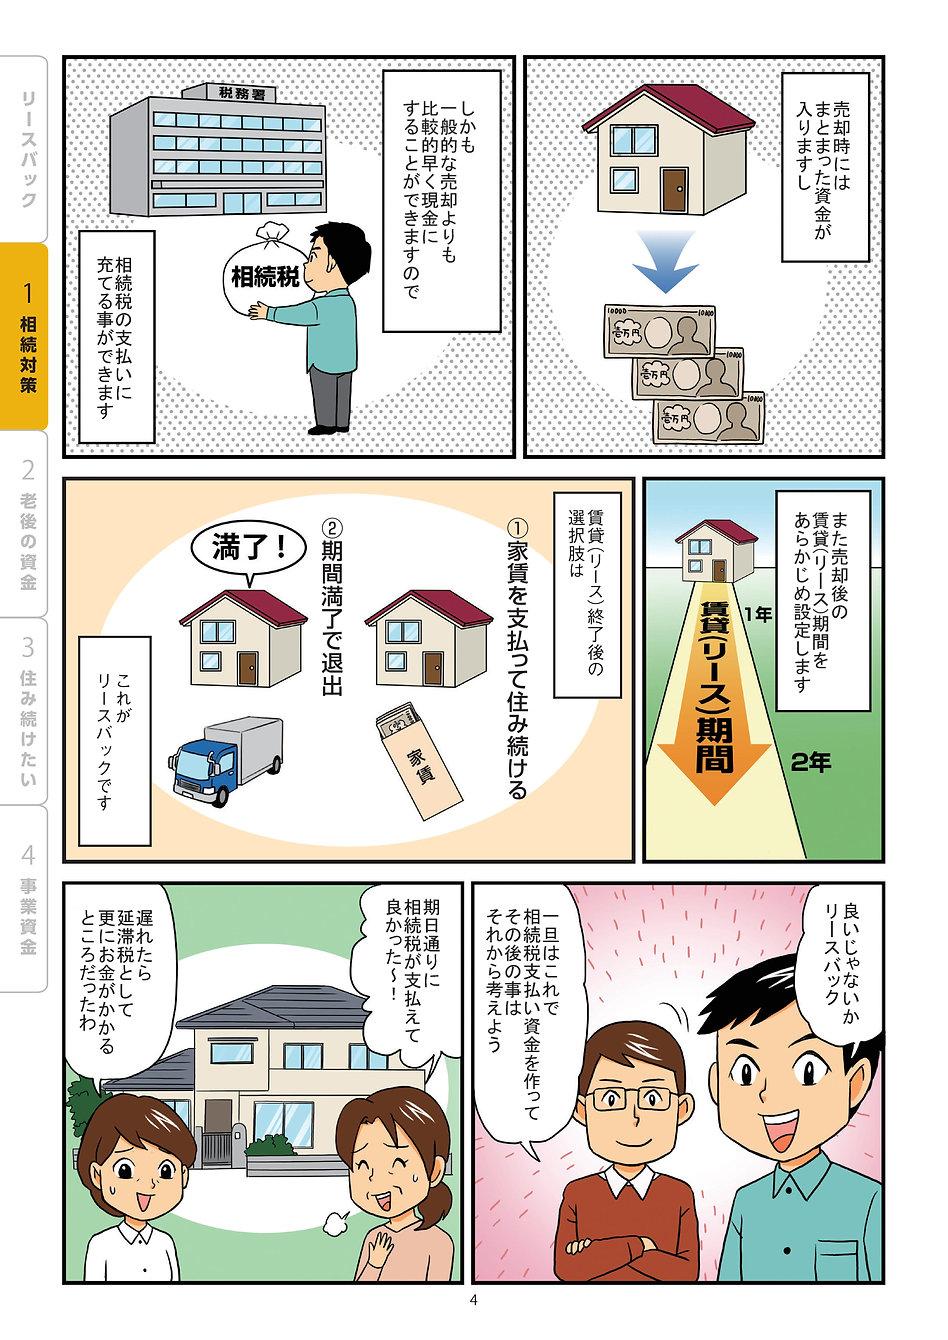 C21リースバック_新ロゴ漫画-05.jpg